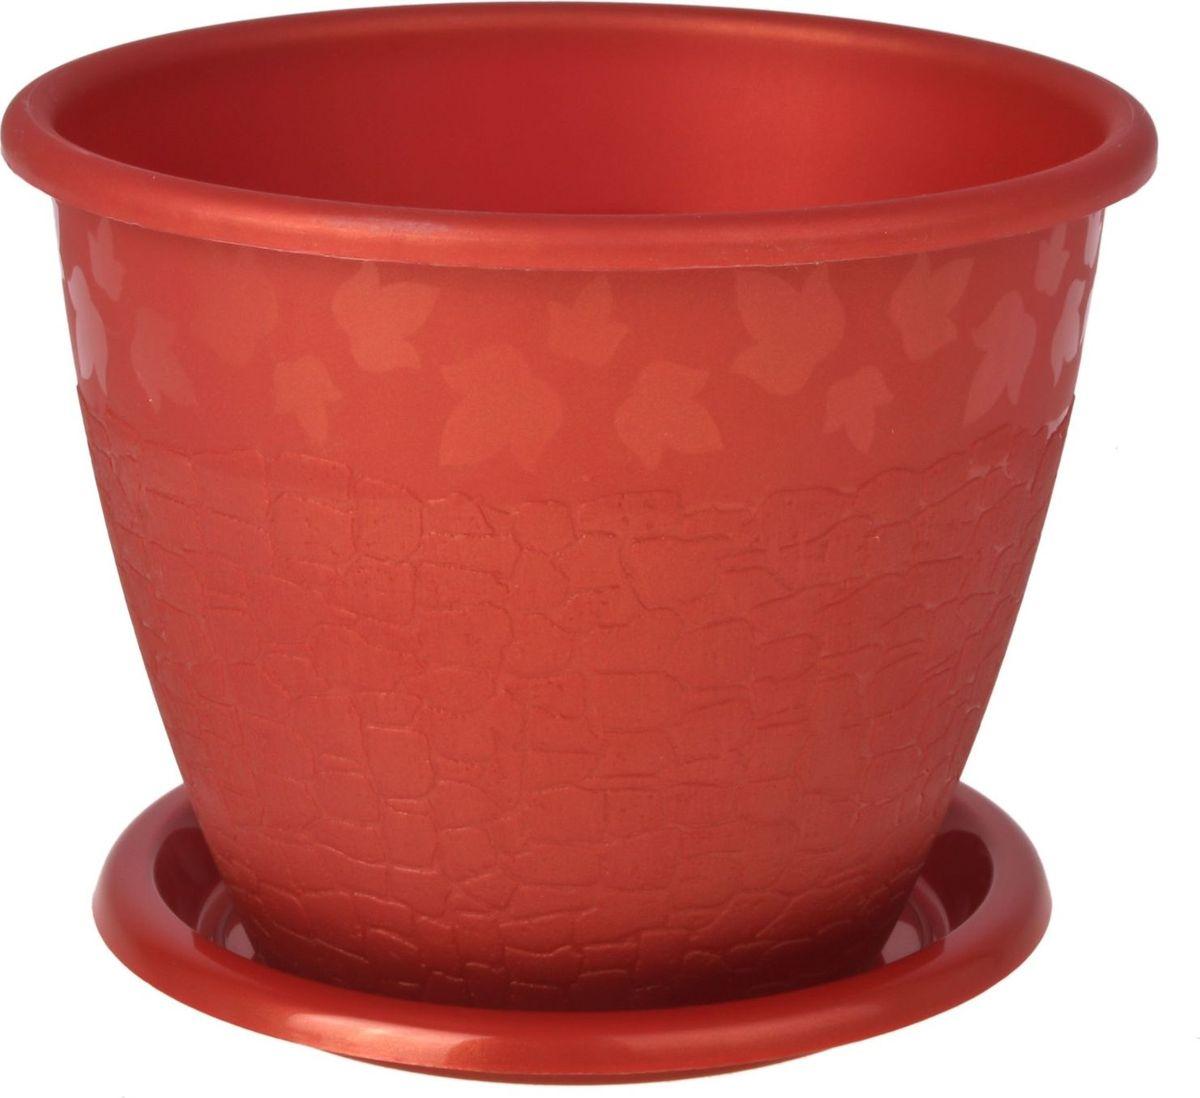 Горшок для цветов Альтернатива Розалия, с поддоном, цвет: медный, 1,2 л577759Любой, даже самый современный и продуманный интерьер будет не завершенным без растений. Они не только очищают воздух и насыщают его кислородом, но и заметно украшают окружающее пространство. Такому полезному члену семьи просто необходимо красивое и функциональное кашпо, оригинальный горшок или необычная ваза! Горшок с поддоном Альтернатива Розалия выполнен из пластика. Пластиковые изделия не нуждаются в специальных условиях хранения. Их легко чистить, достаточно просто сполоснуть теплой водой. Пластиковые кашпо не царапают и не загрязняют поверхности, на которых стоят. Пластик дольше хранит влагу, а значит растение реже нуждается в поливе.